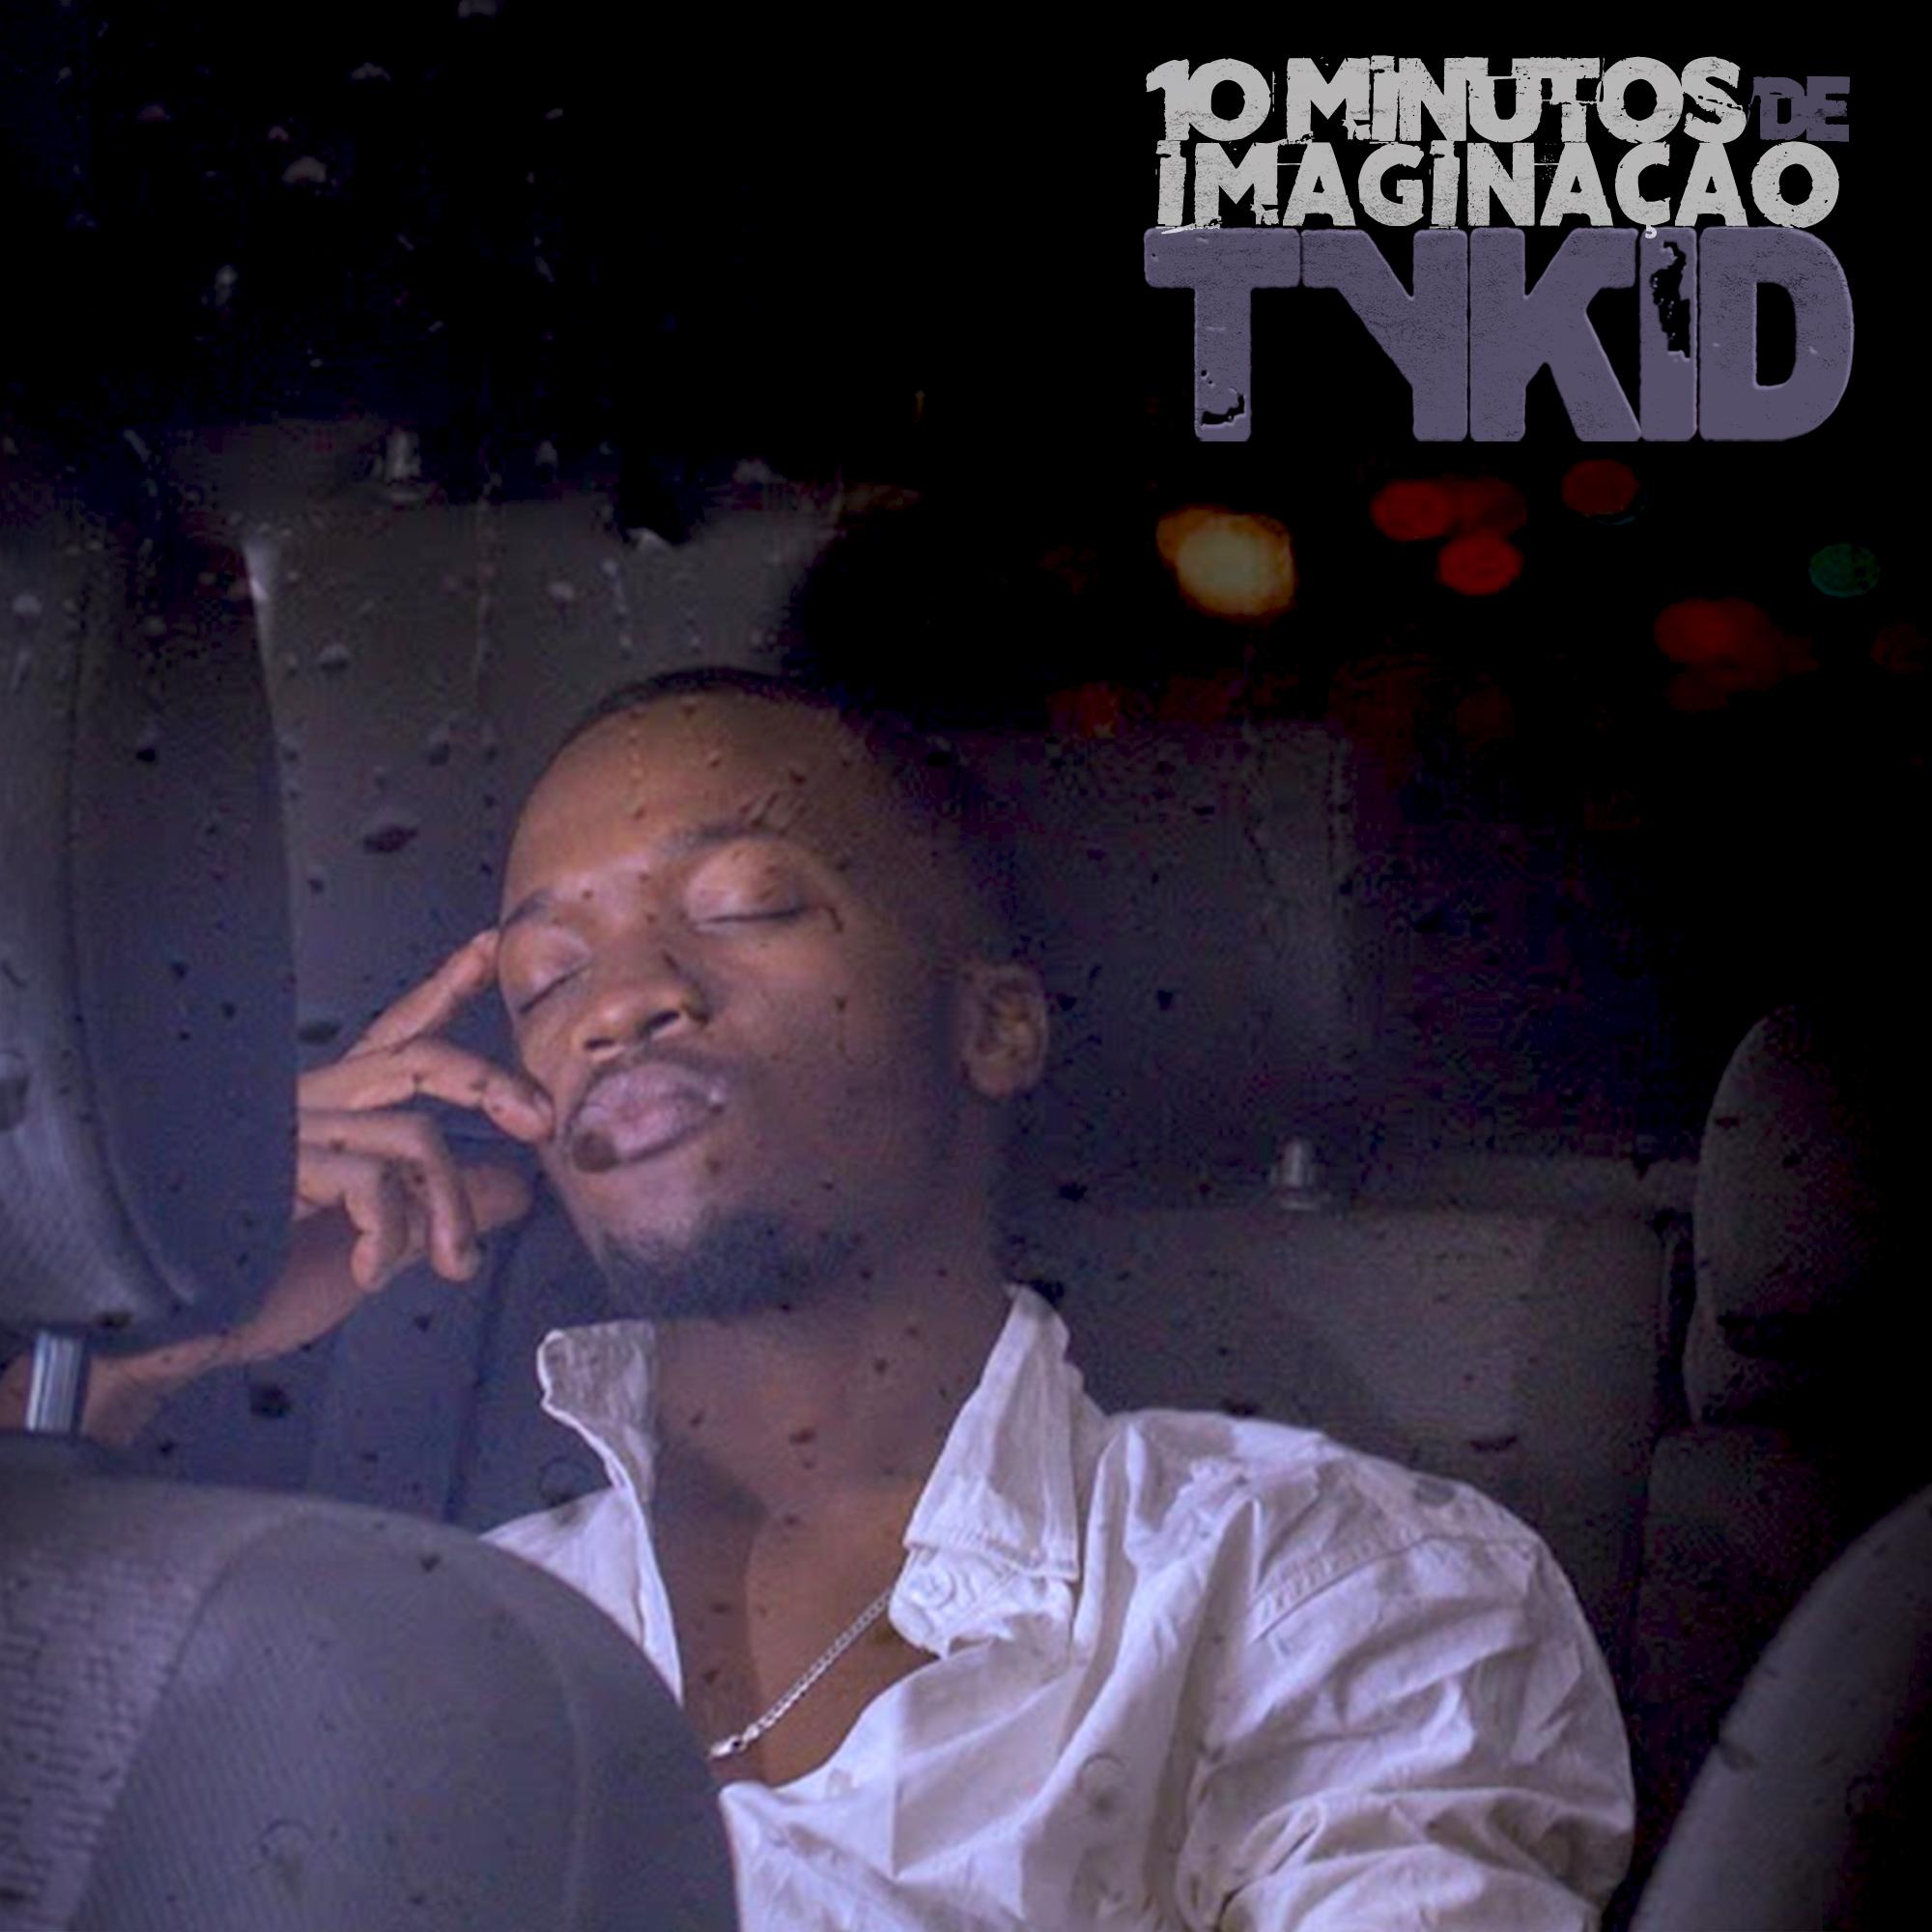 10 Minutos de Imaginação: EP de estreia de TYKID já está disponível